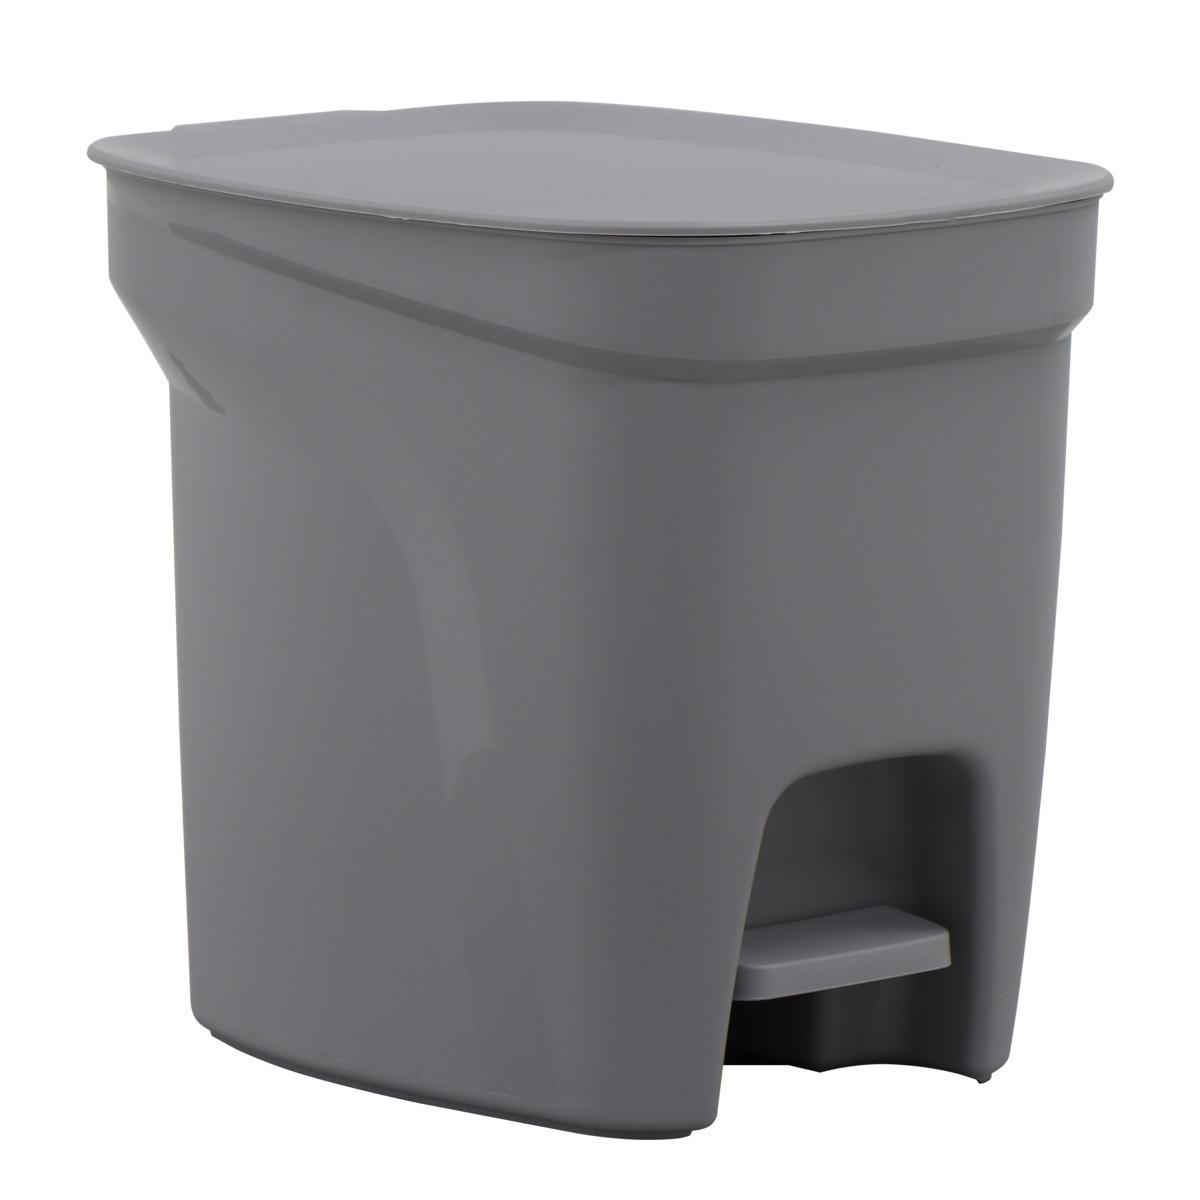 Lixeira Compact Tramontina 7L de Plastico com Pedal Cinza - 92851210